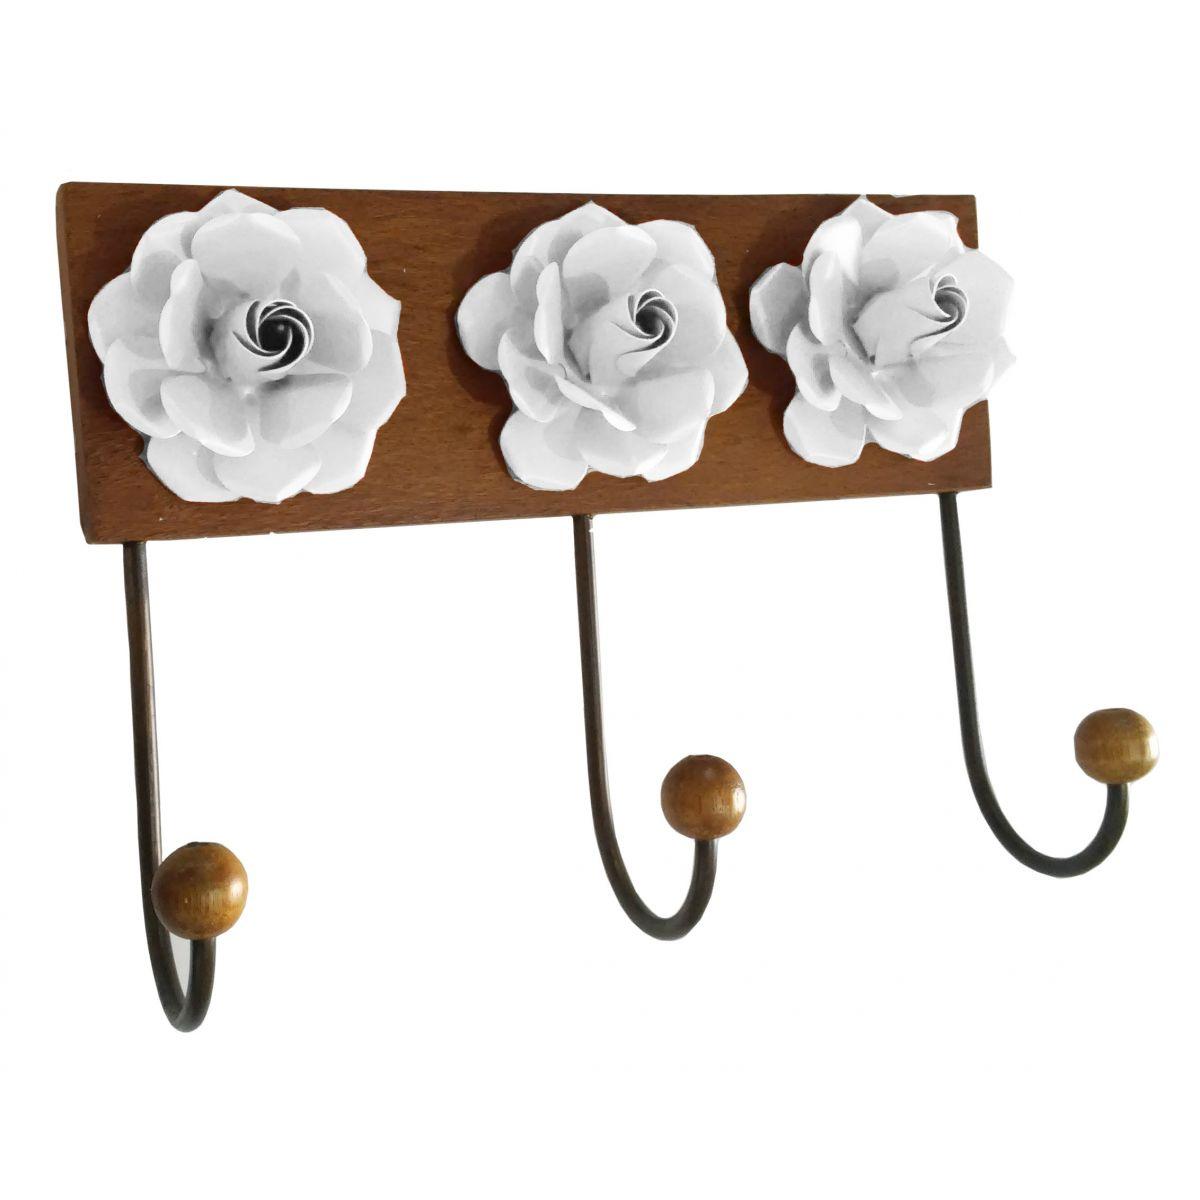 Cabideiro Artesanal de Ferro e Madeira com Flores Rústico de Parede